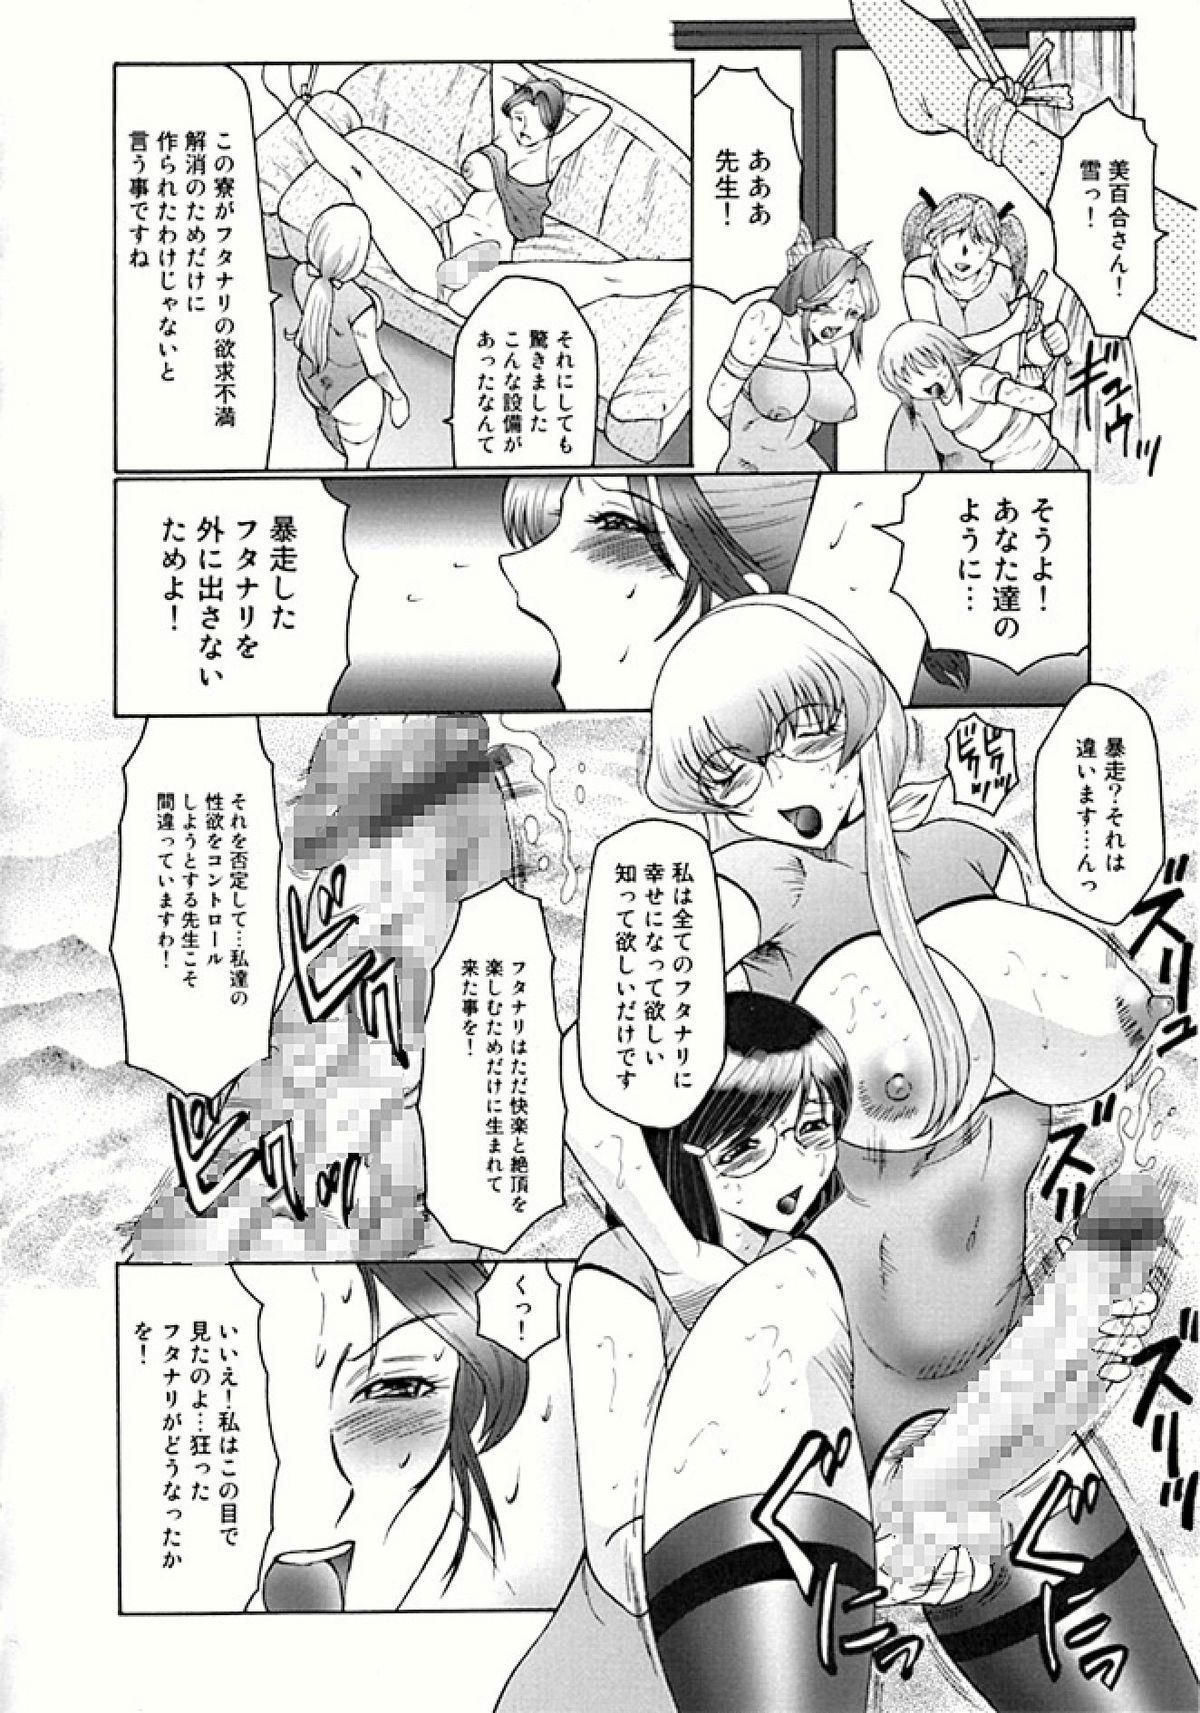 Futagami - Futanari Onna Kyoushi Zecchou Hiroku 131